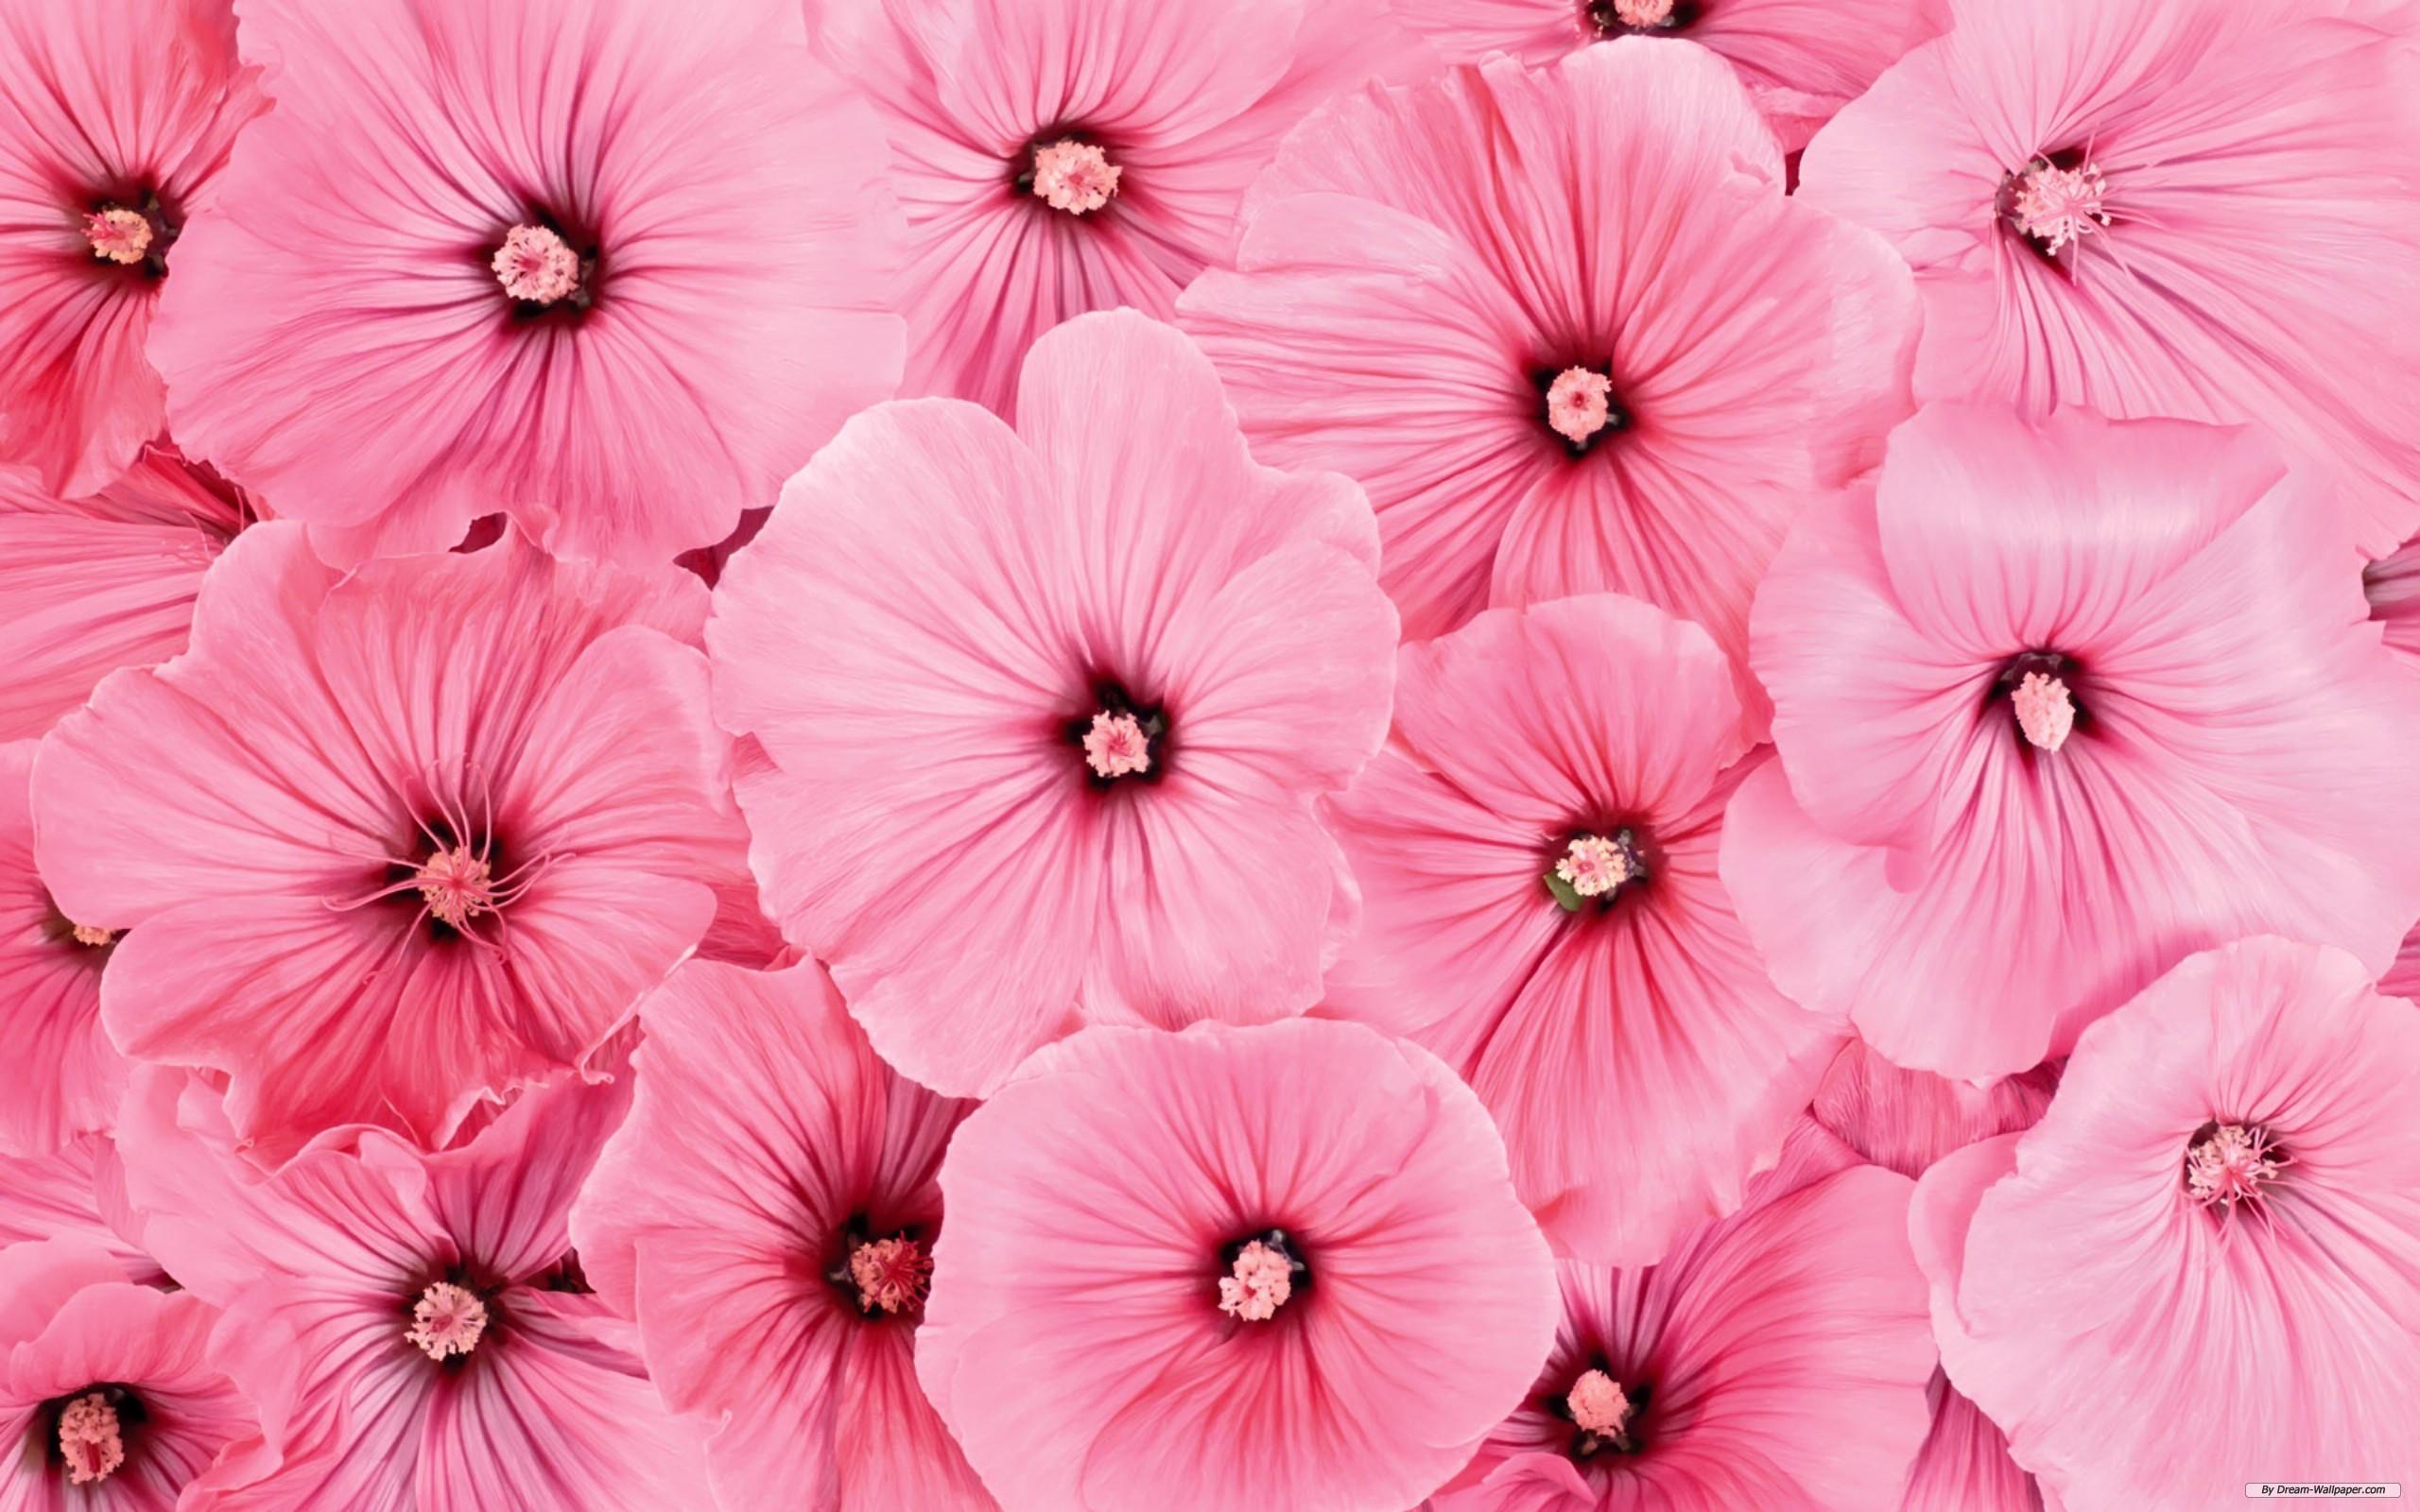 Flower wallpaper Beautiful Flower wallpaper 25601600 wallpaper 2560x1600